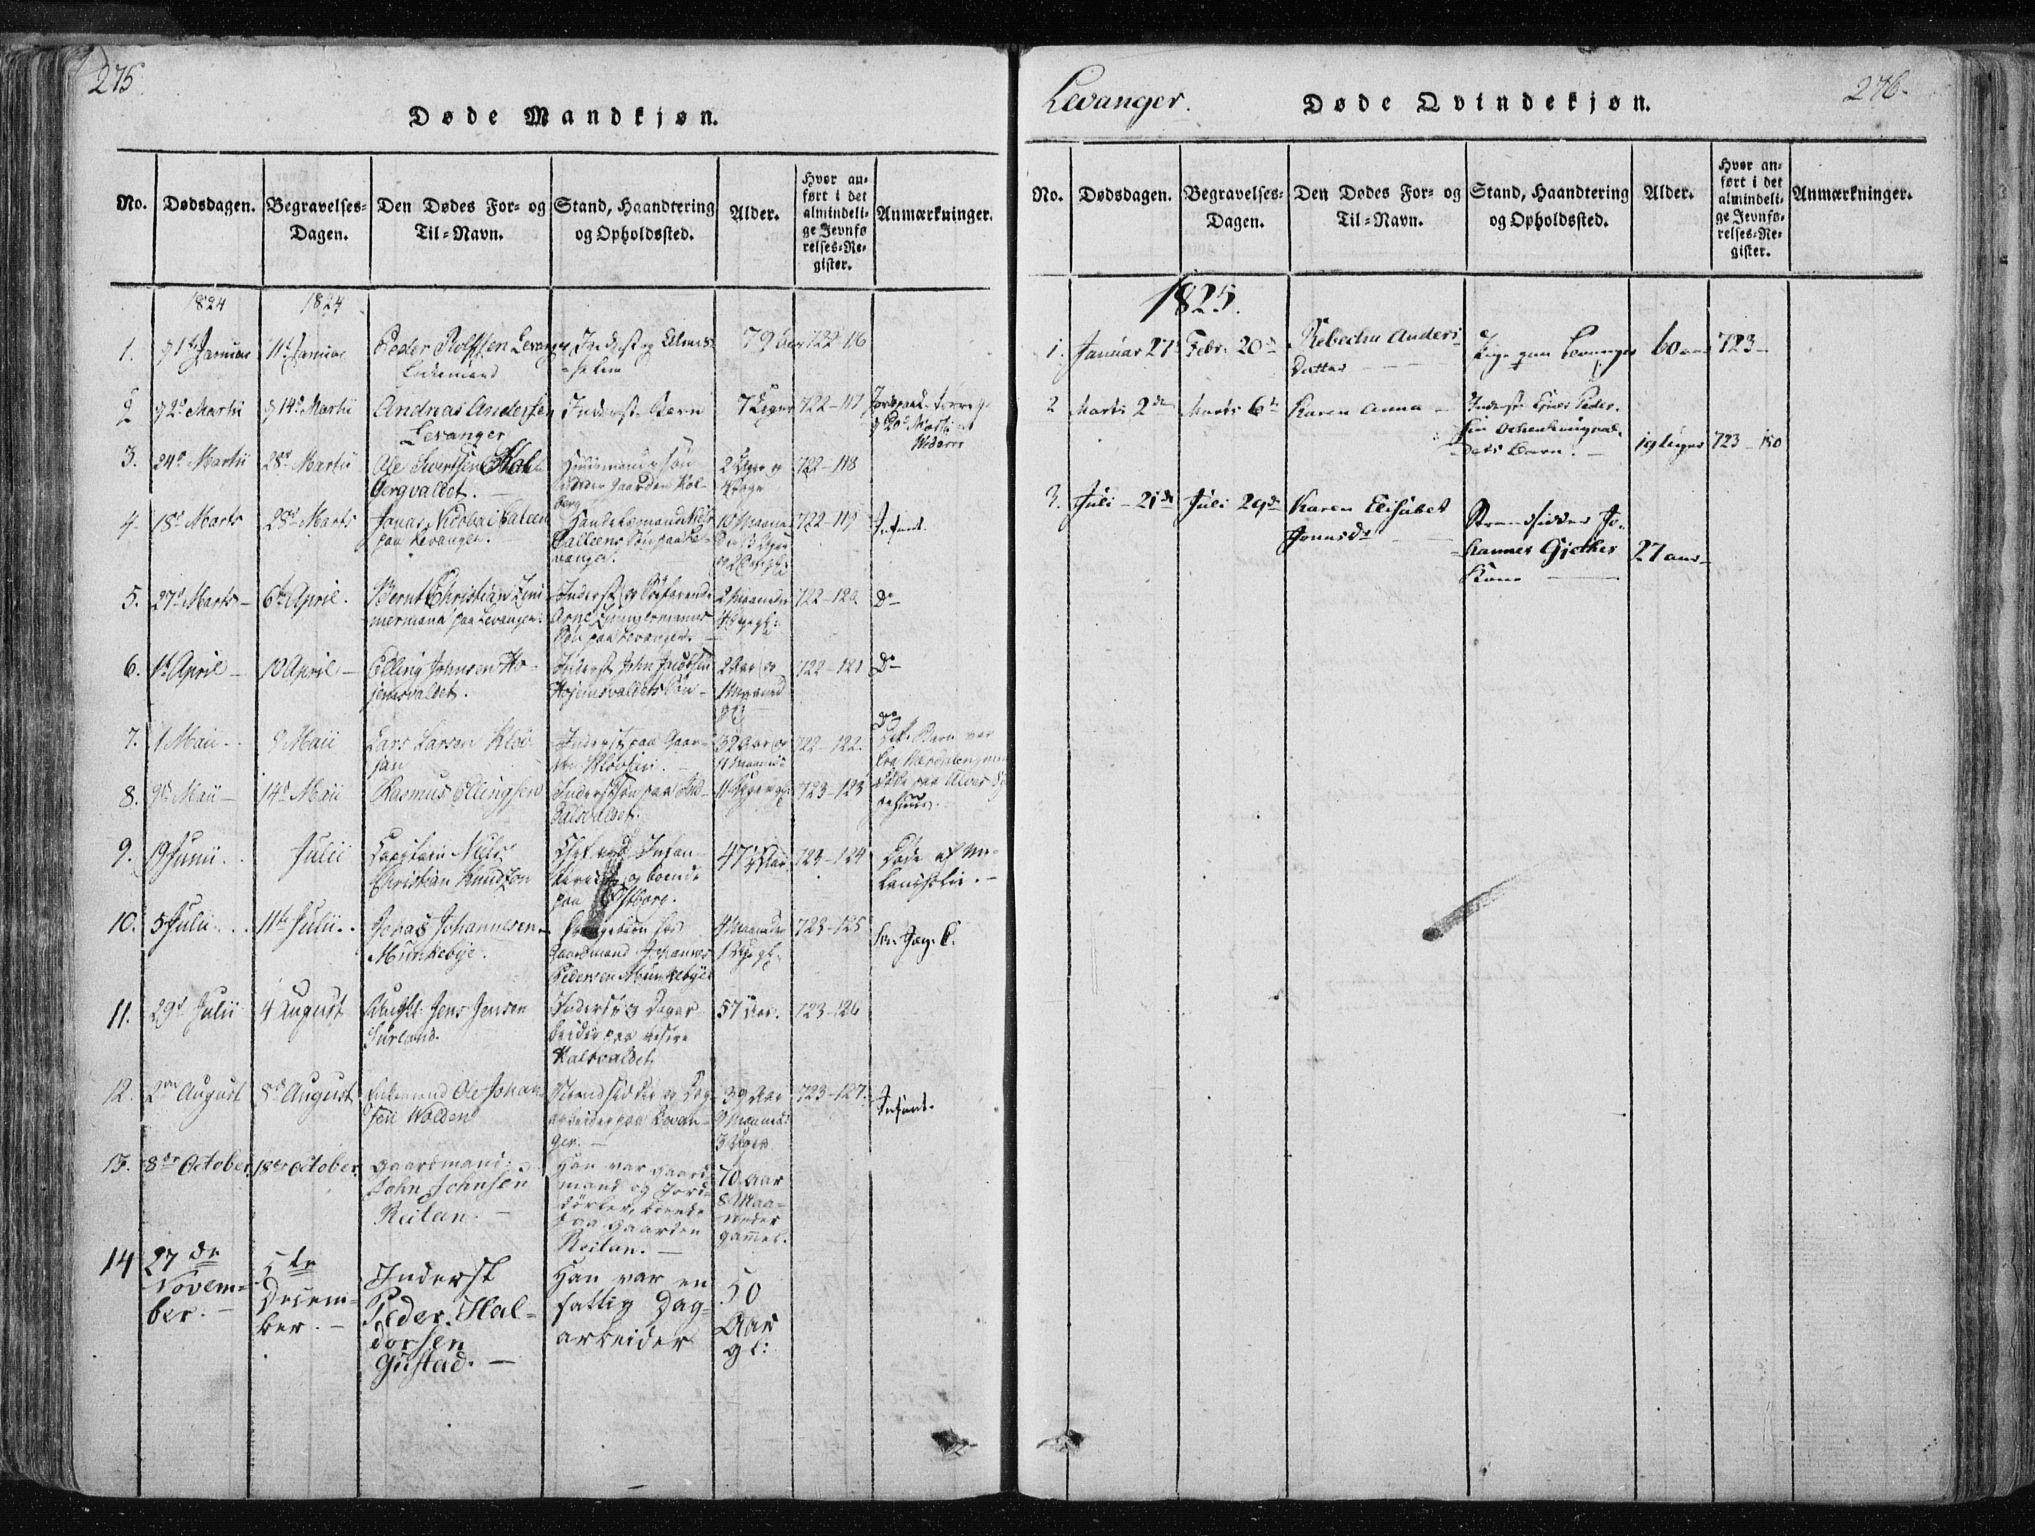 SAT, Ministerialprotokoller, klokkerbøker og fødselsregistre - Nord-Trøndelag, 717/L0148: Ministerialbok nr. 717A04 /2, 1816-1825, s. 275-276